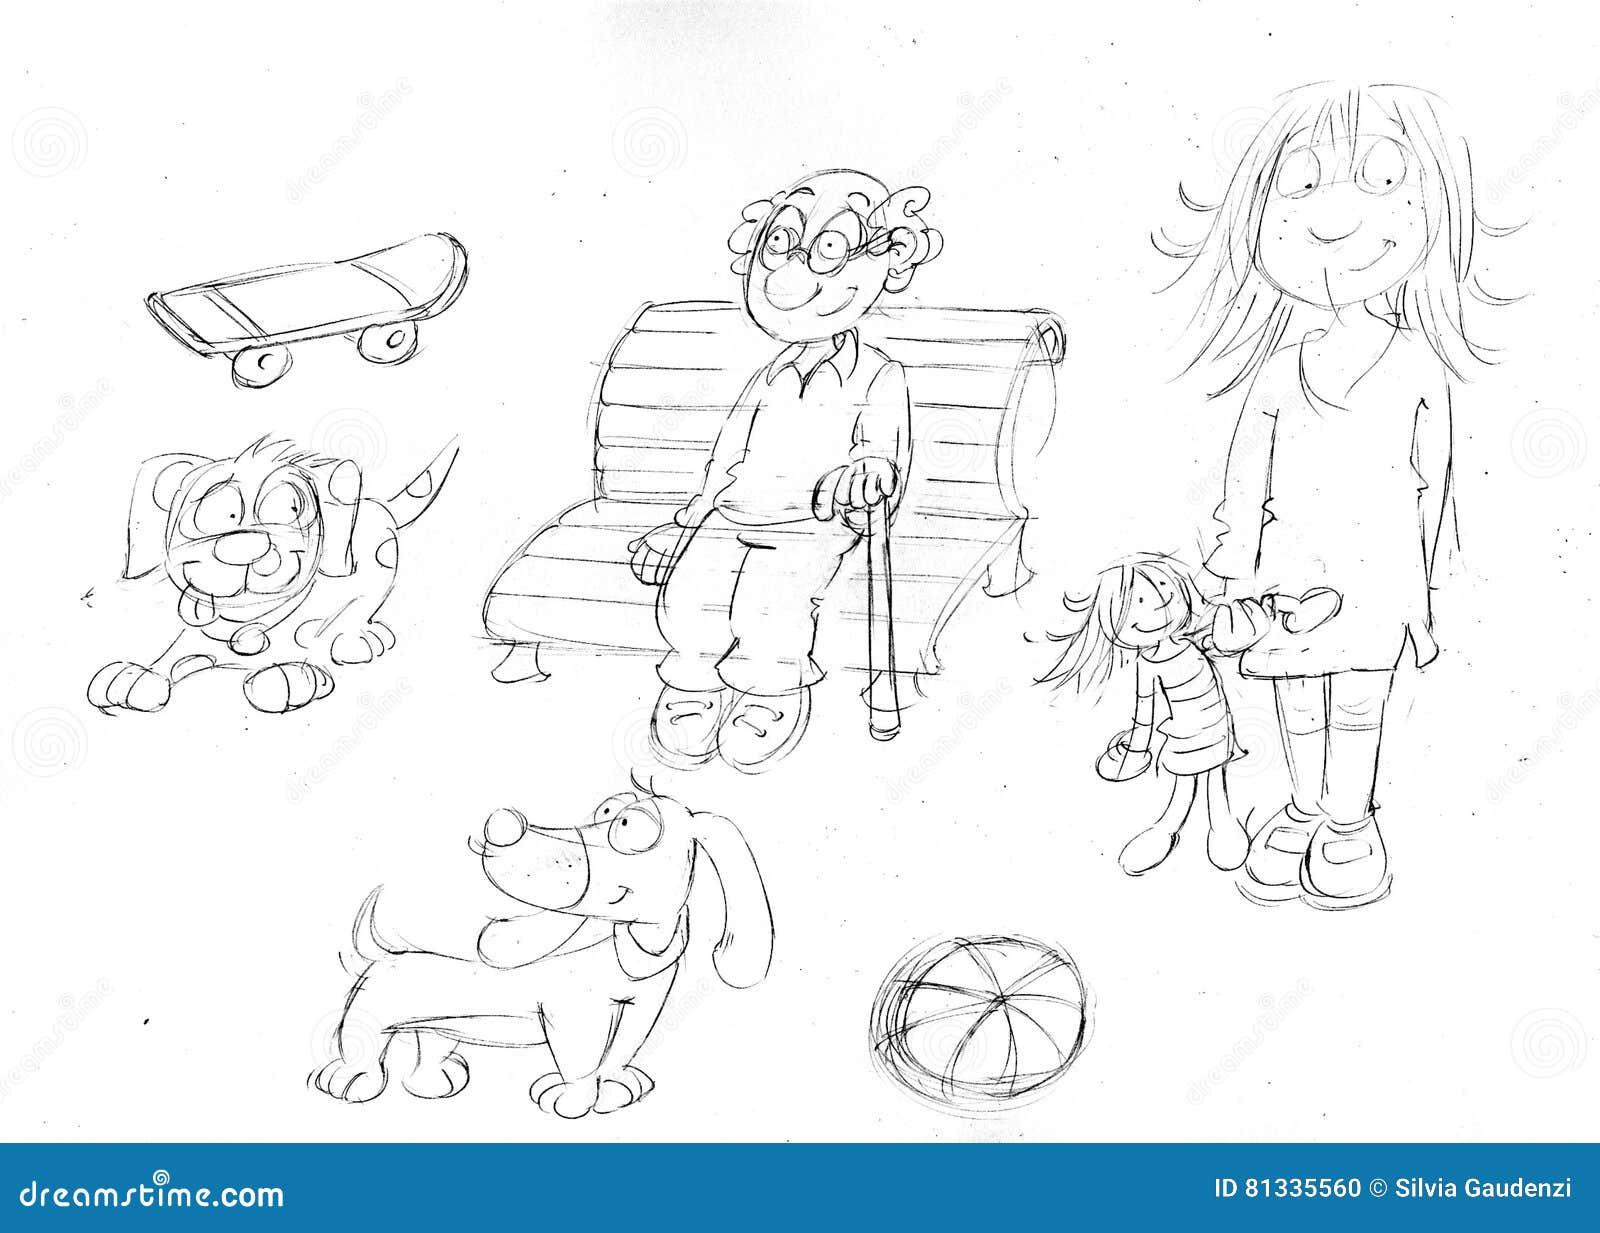 Zeichnen Sie Sketchespencil Skizzen Von Kleinen Hunden Mit Puppe ...